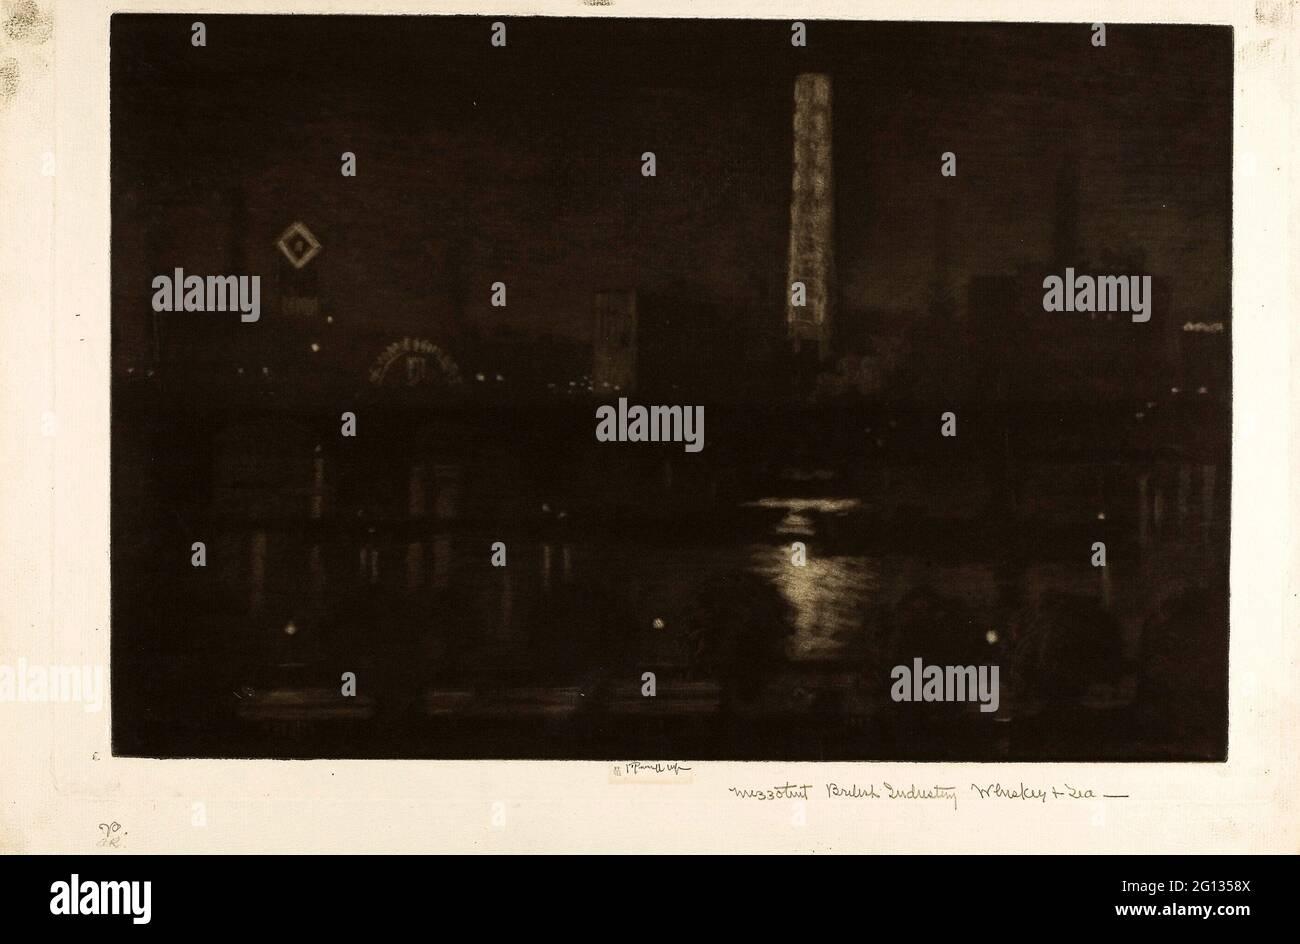 Auteur: Joseph Pennell. Nuit de Londres, Whiskey and Tea - 1909 - Joseph Pennell American, 1857-1926. Mezzotint en noir sur papier ivoire. Unis Banque D'Images